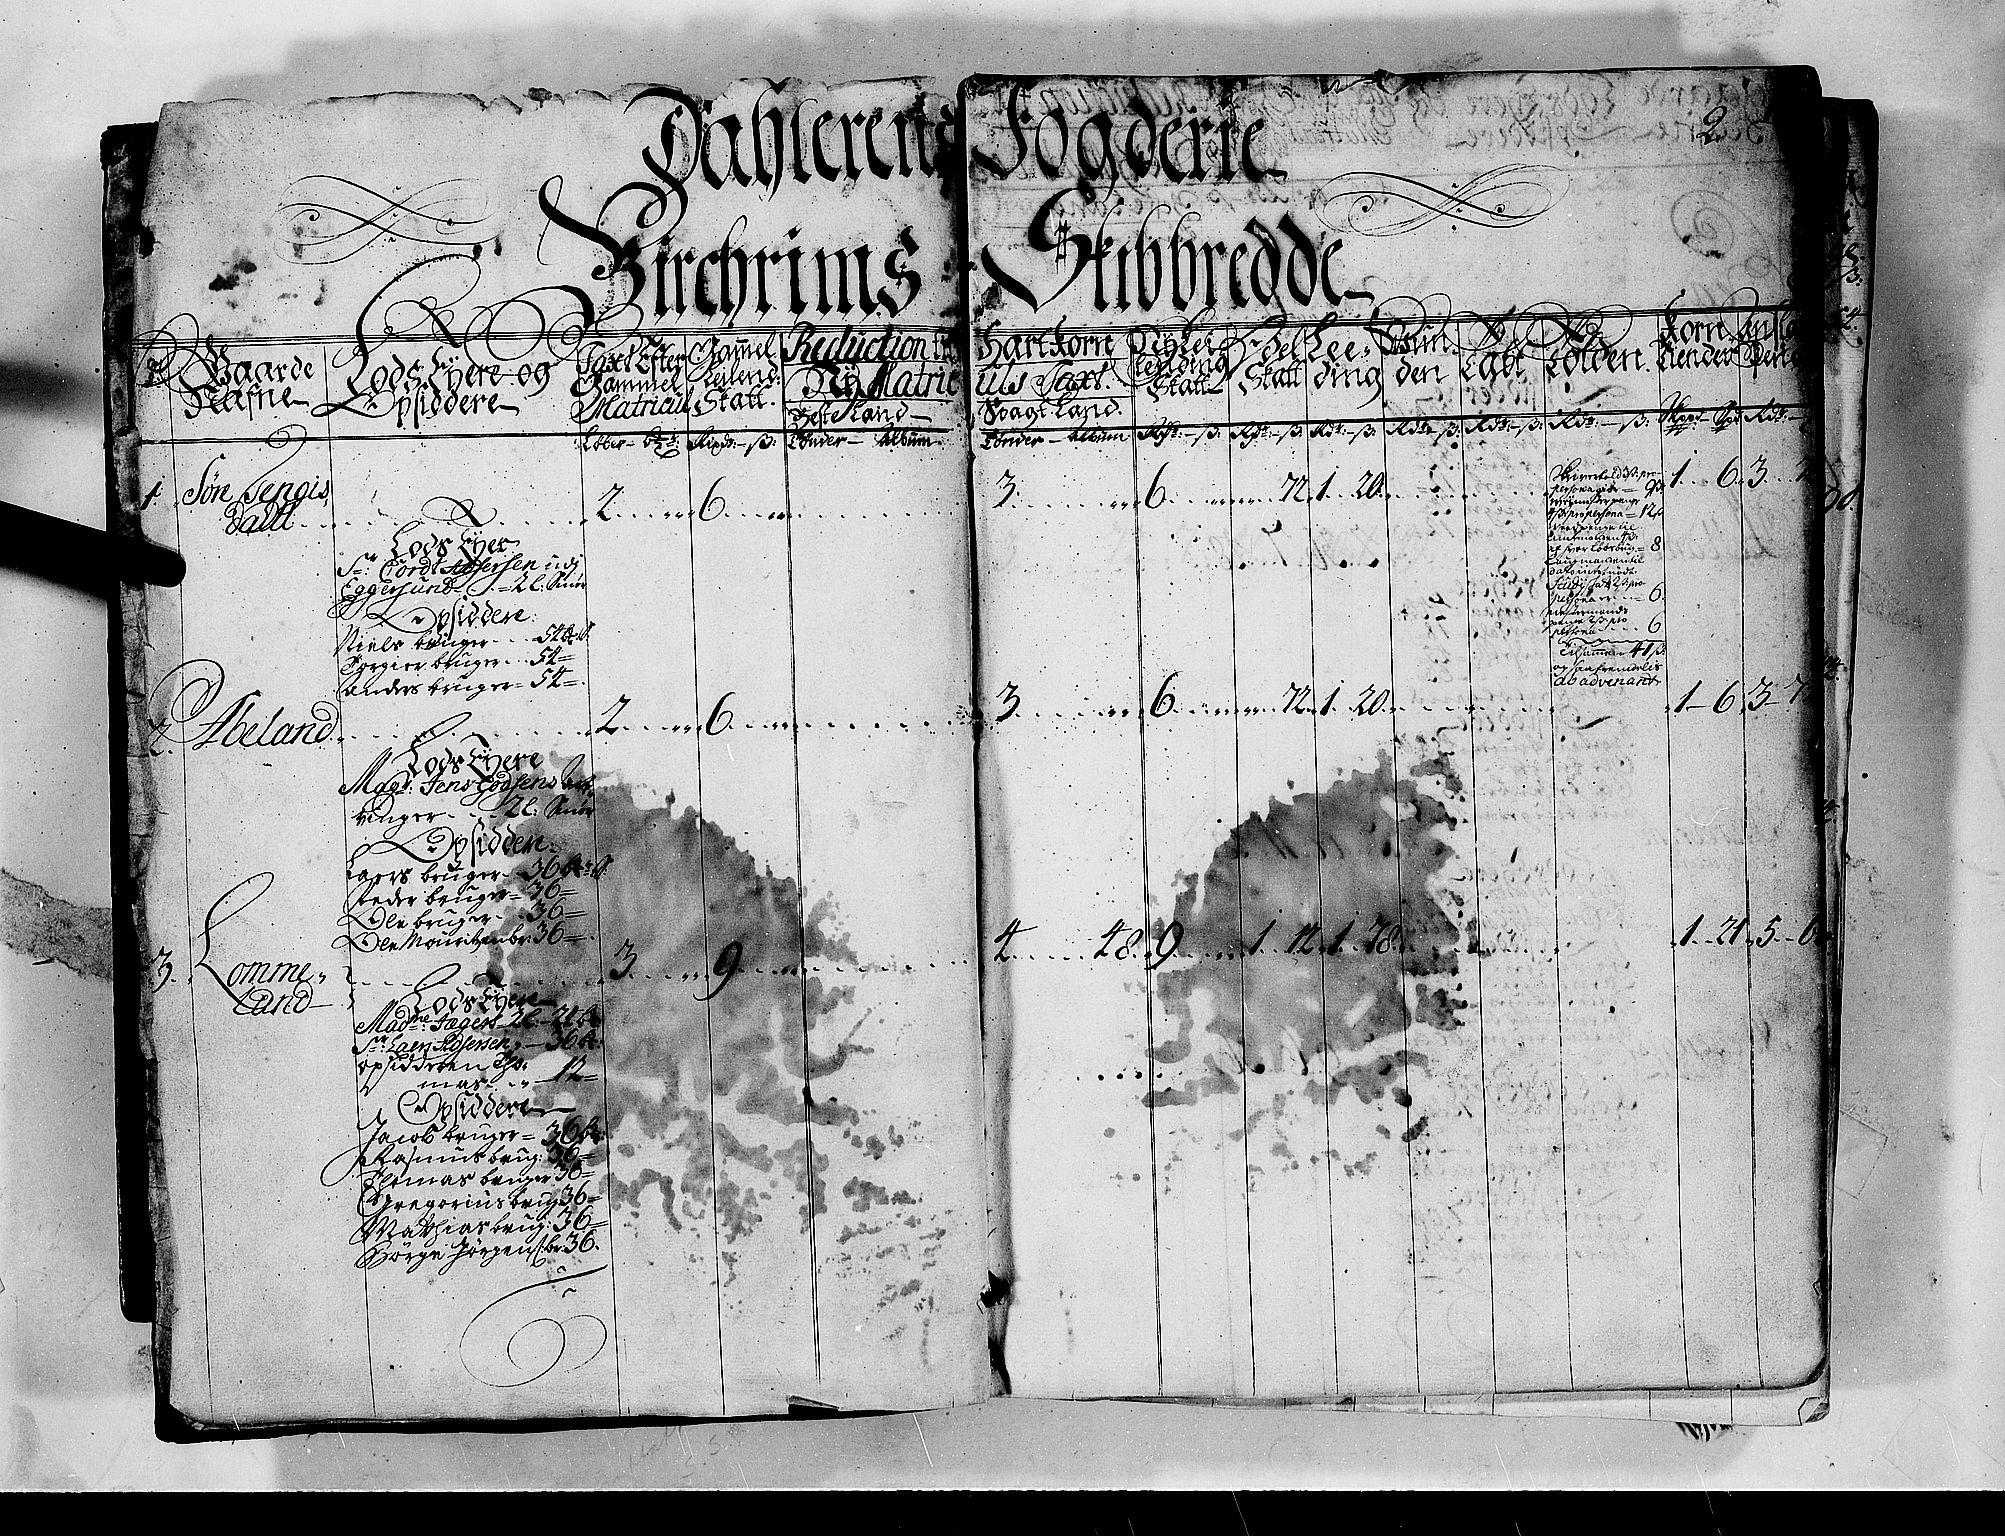 RA, Rentekammeret inntil 1814, Realistisk ordnet avdeling, N/Nb/Nbf/L0132: Jæren og Dalane matrikkelprotokoll, 1723, s. 1b-2a